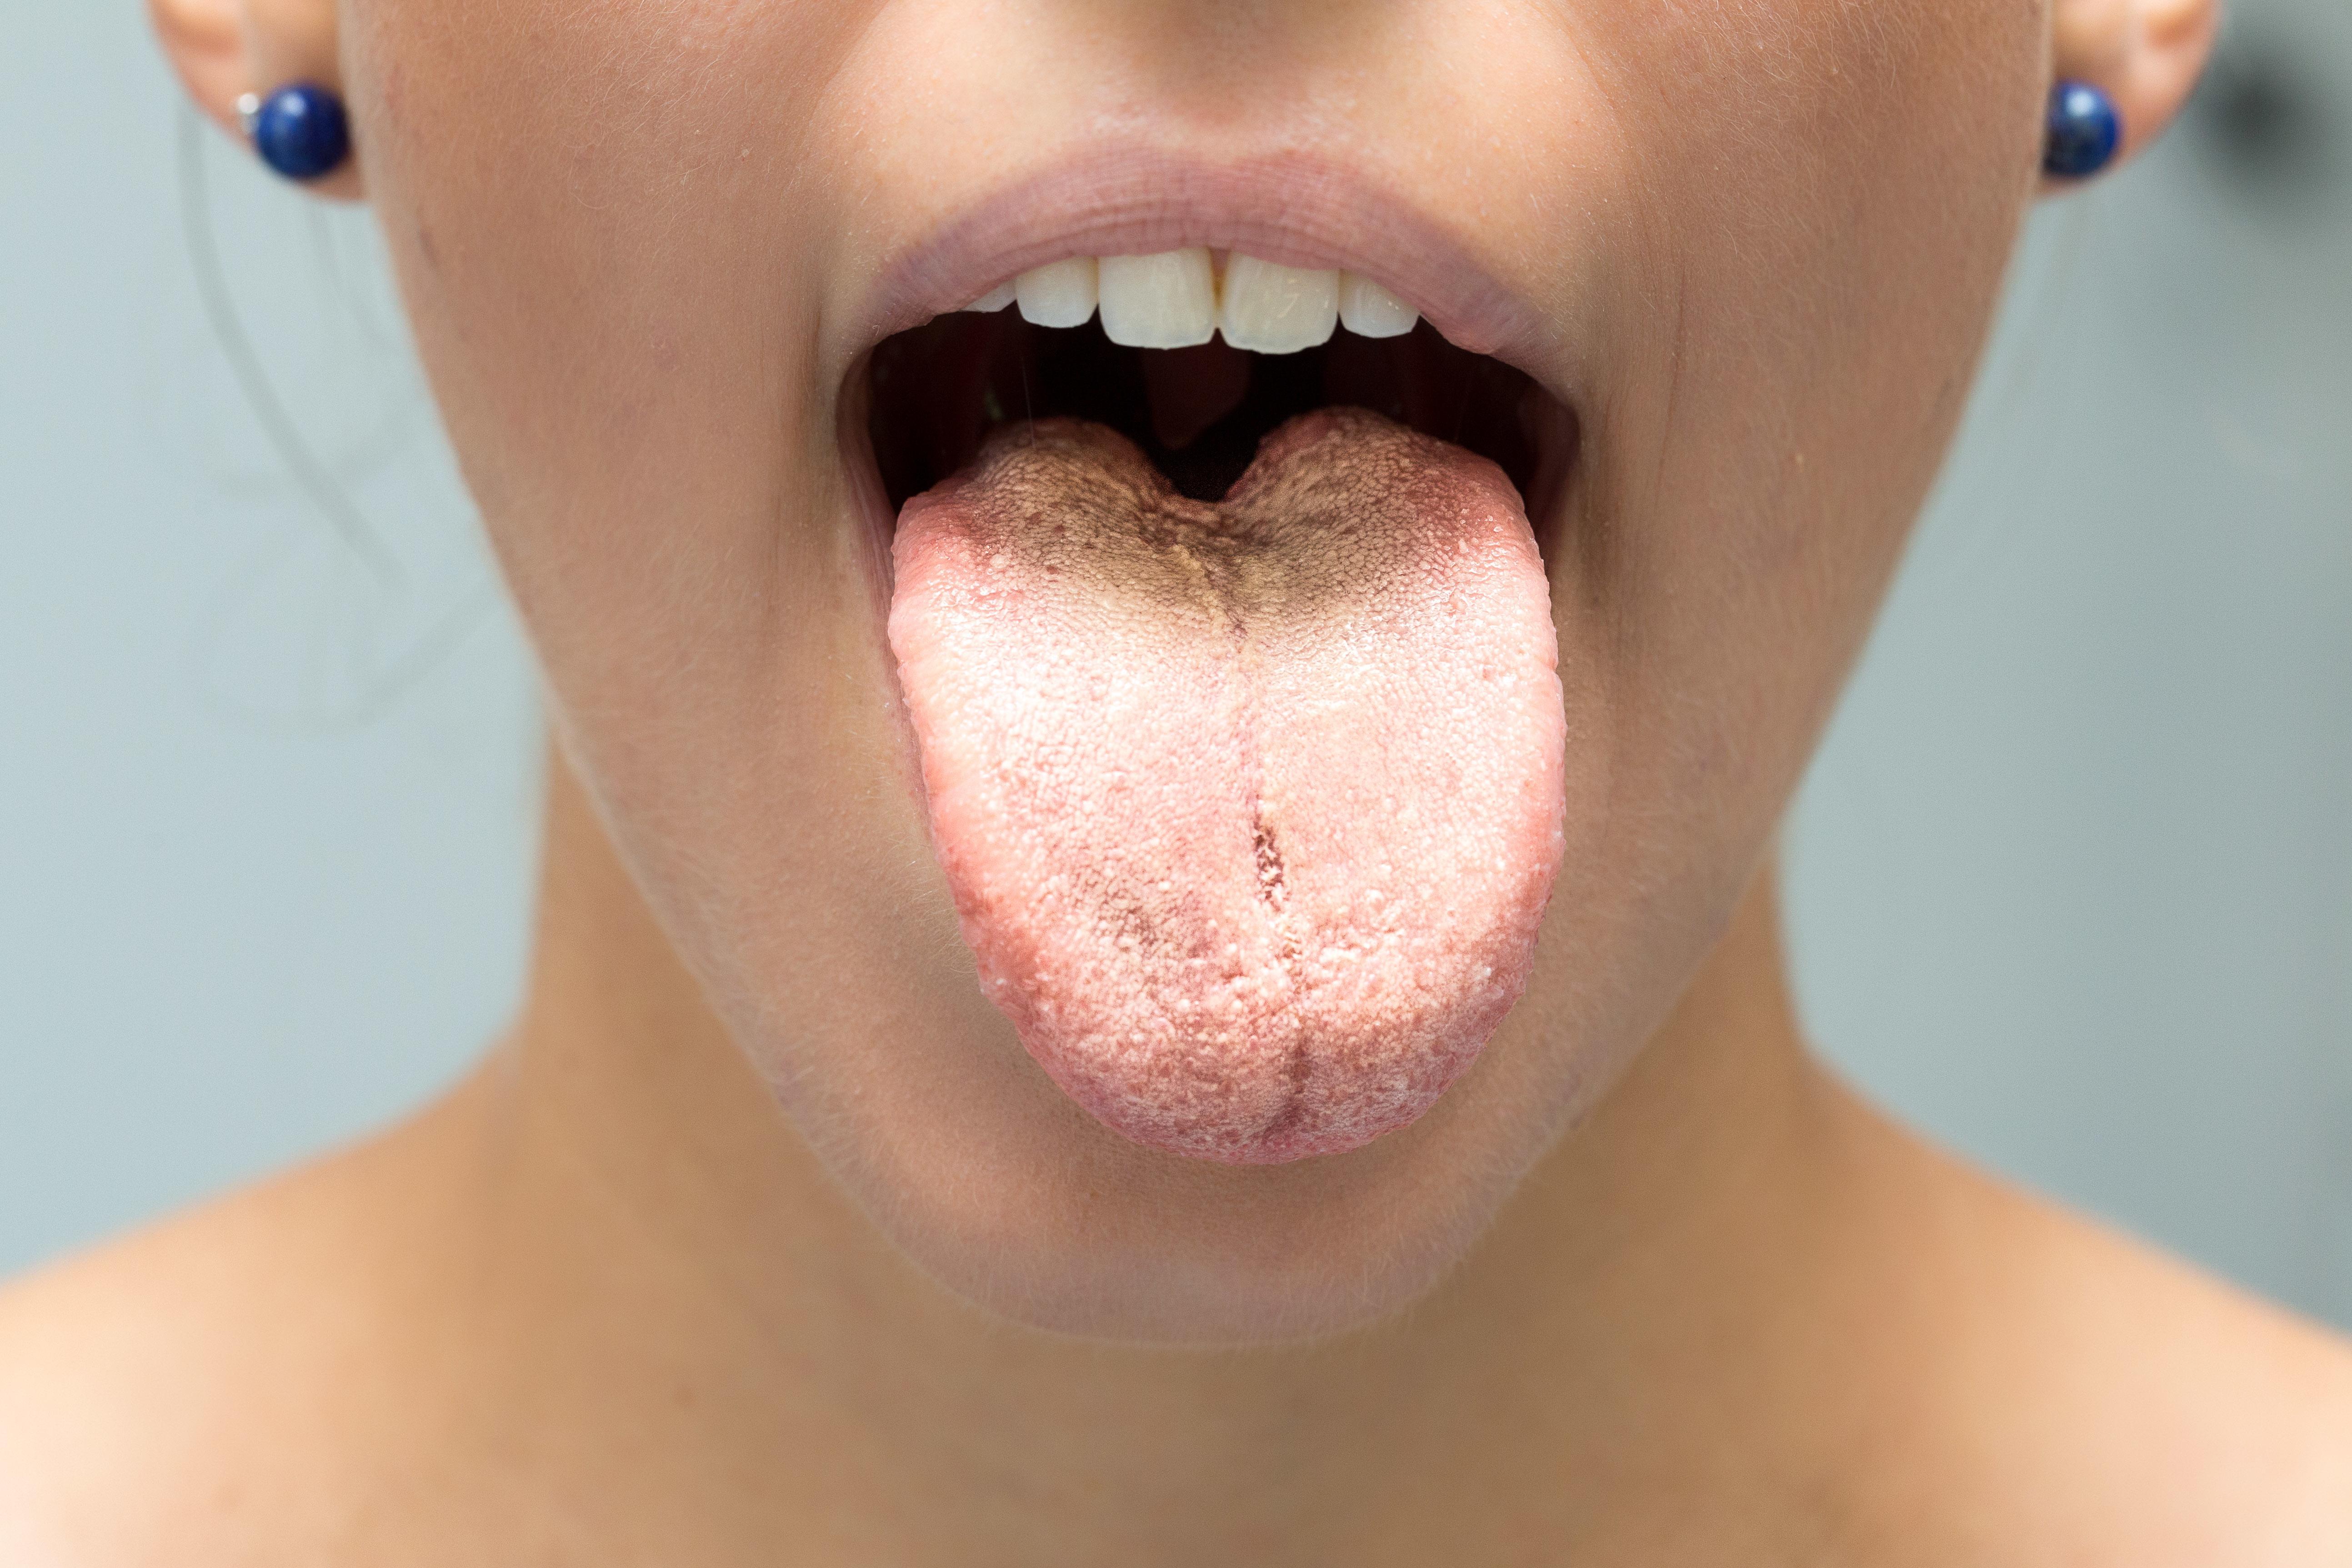 hvor mange bakterier er der i munden